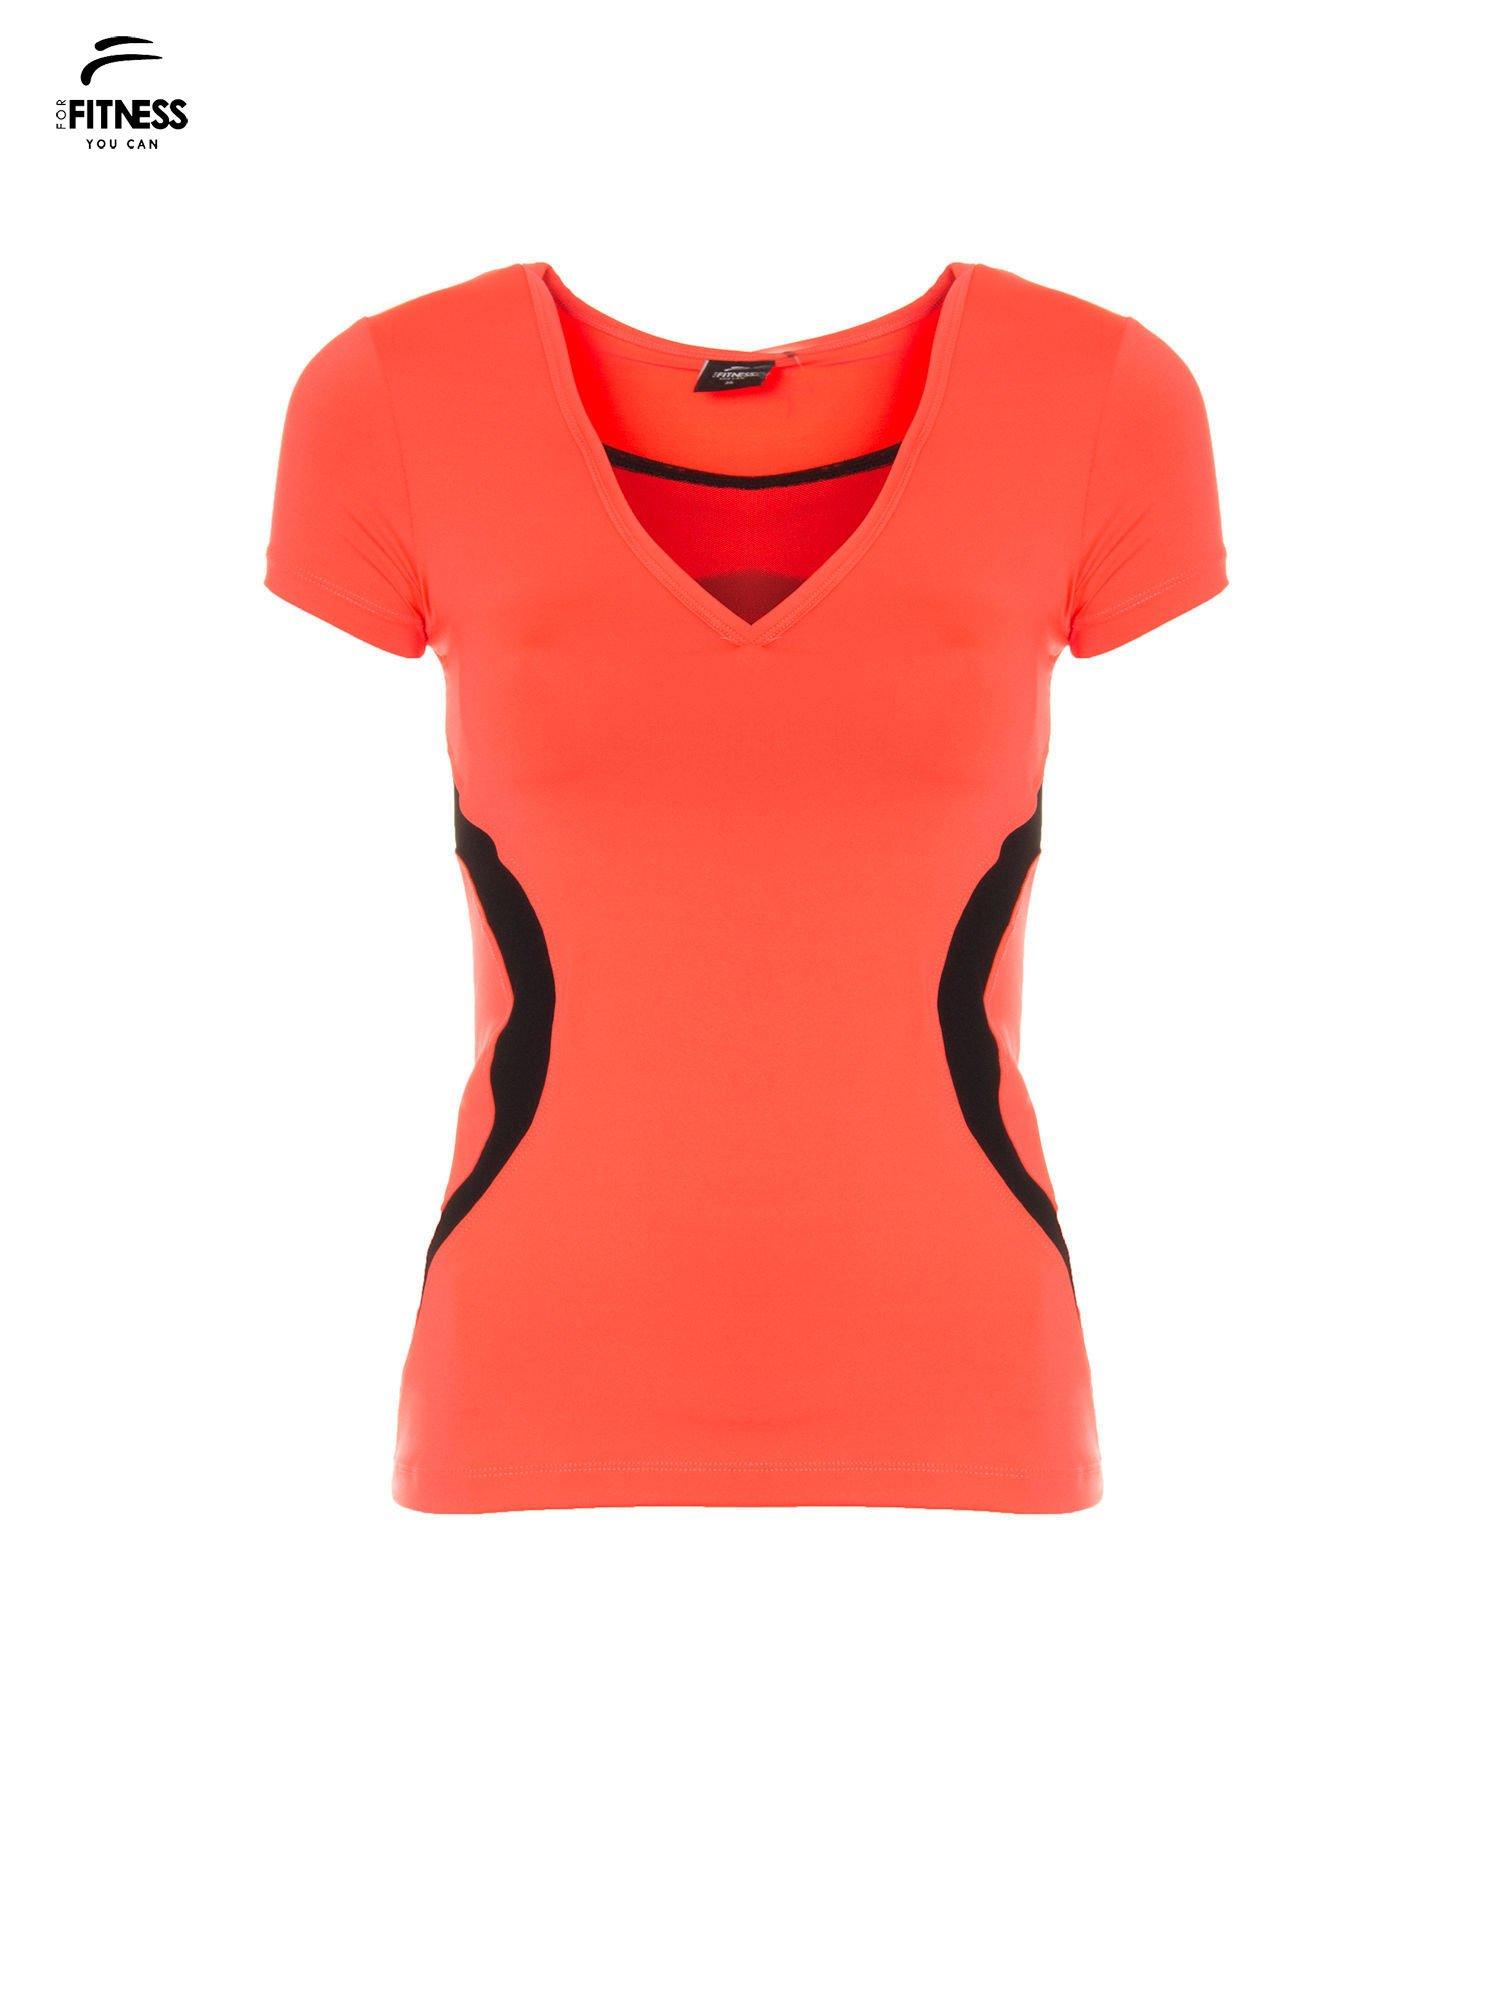 afb13c8ddc4f47 1; Fluoróżowy termoaktywny t-shirt sportowy z siateczką przy dekolcie ♢ Performance  RUN ...